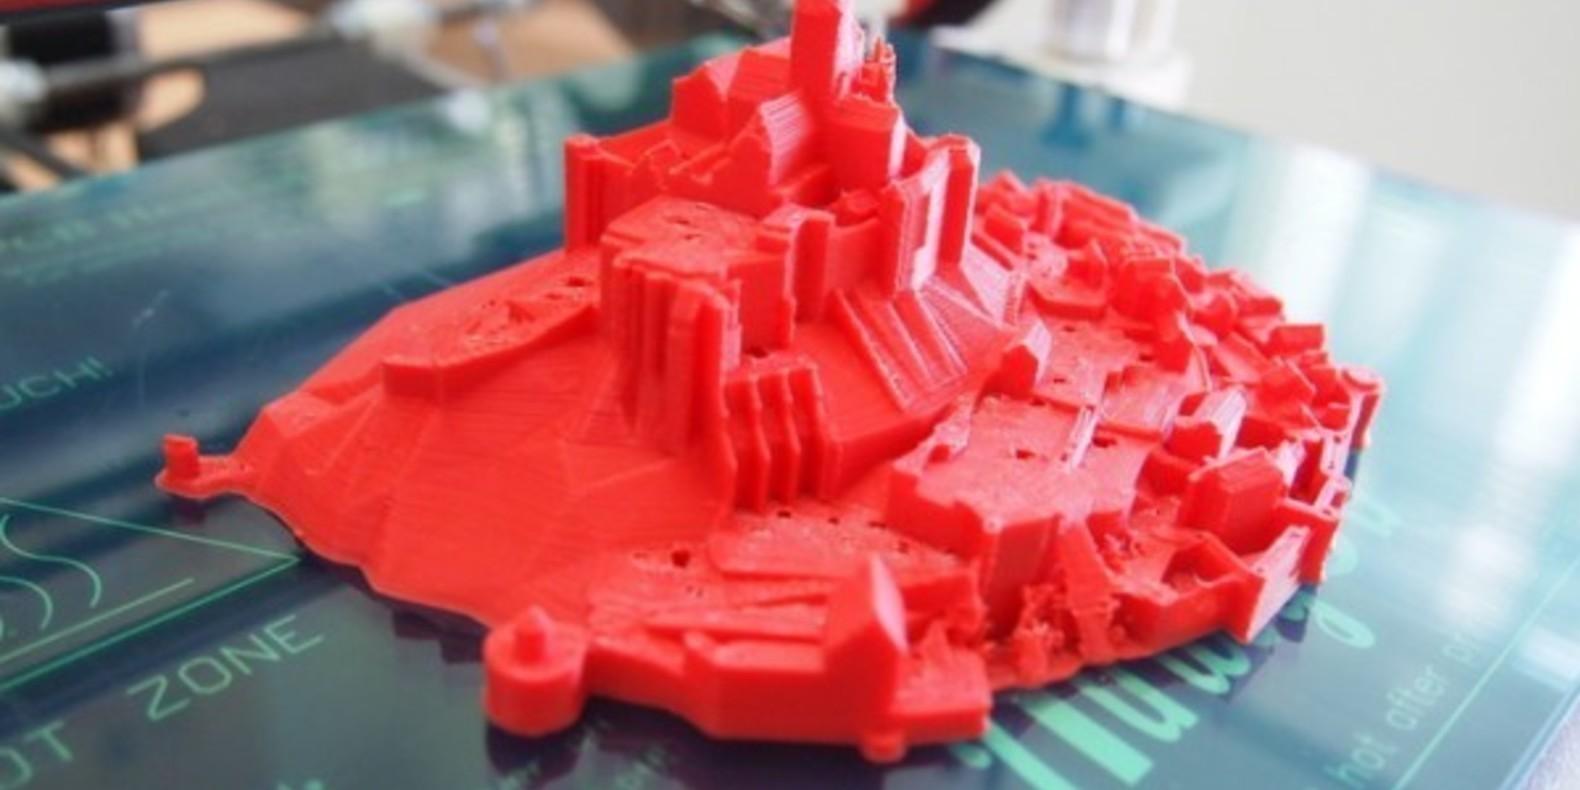 mont saint michel cults fichier 3D impression 3D imprimante shakera maker thingiverse 2